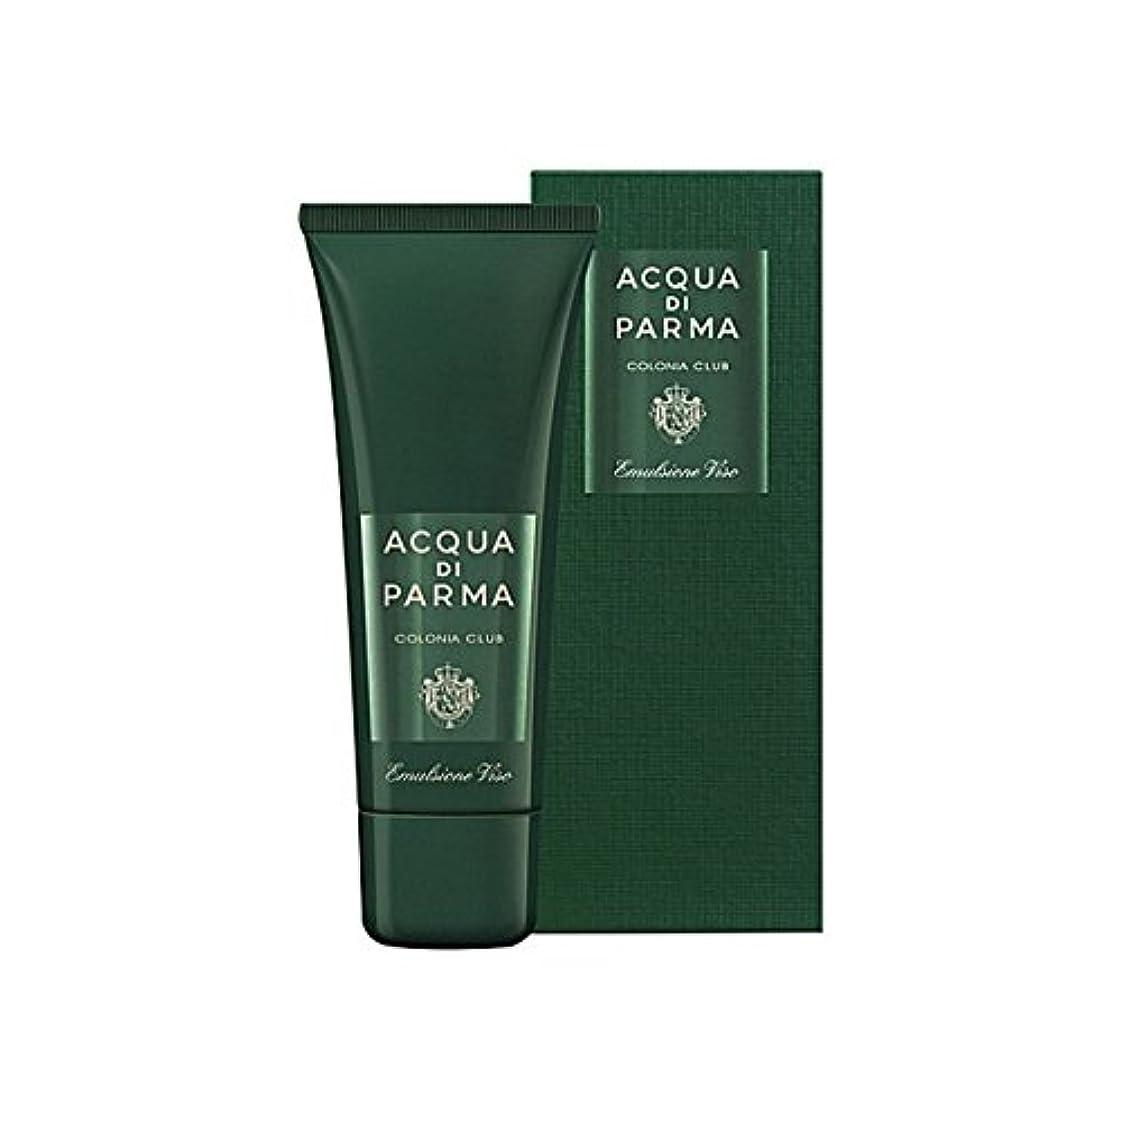 広告主目の前の状Acqua Di Parma Colonia Club Face Emulsion 75ml - アクアディパルマコロニアクラブフェースエマルジョン75ミリリットル [並行輸入品]